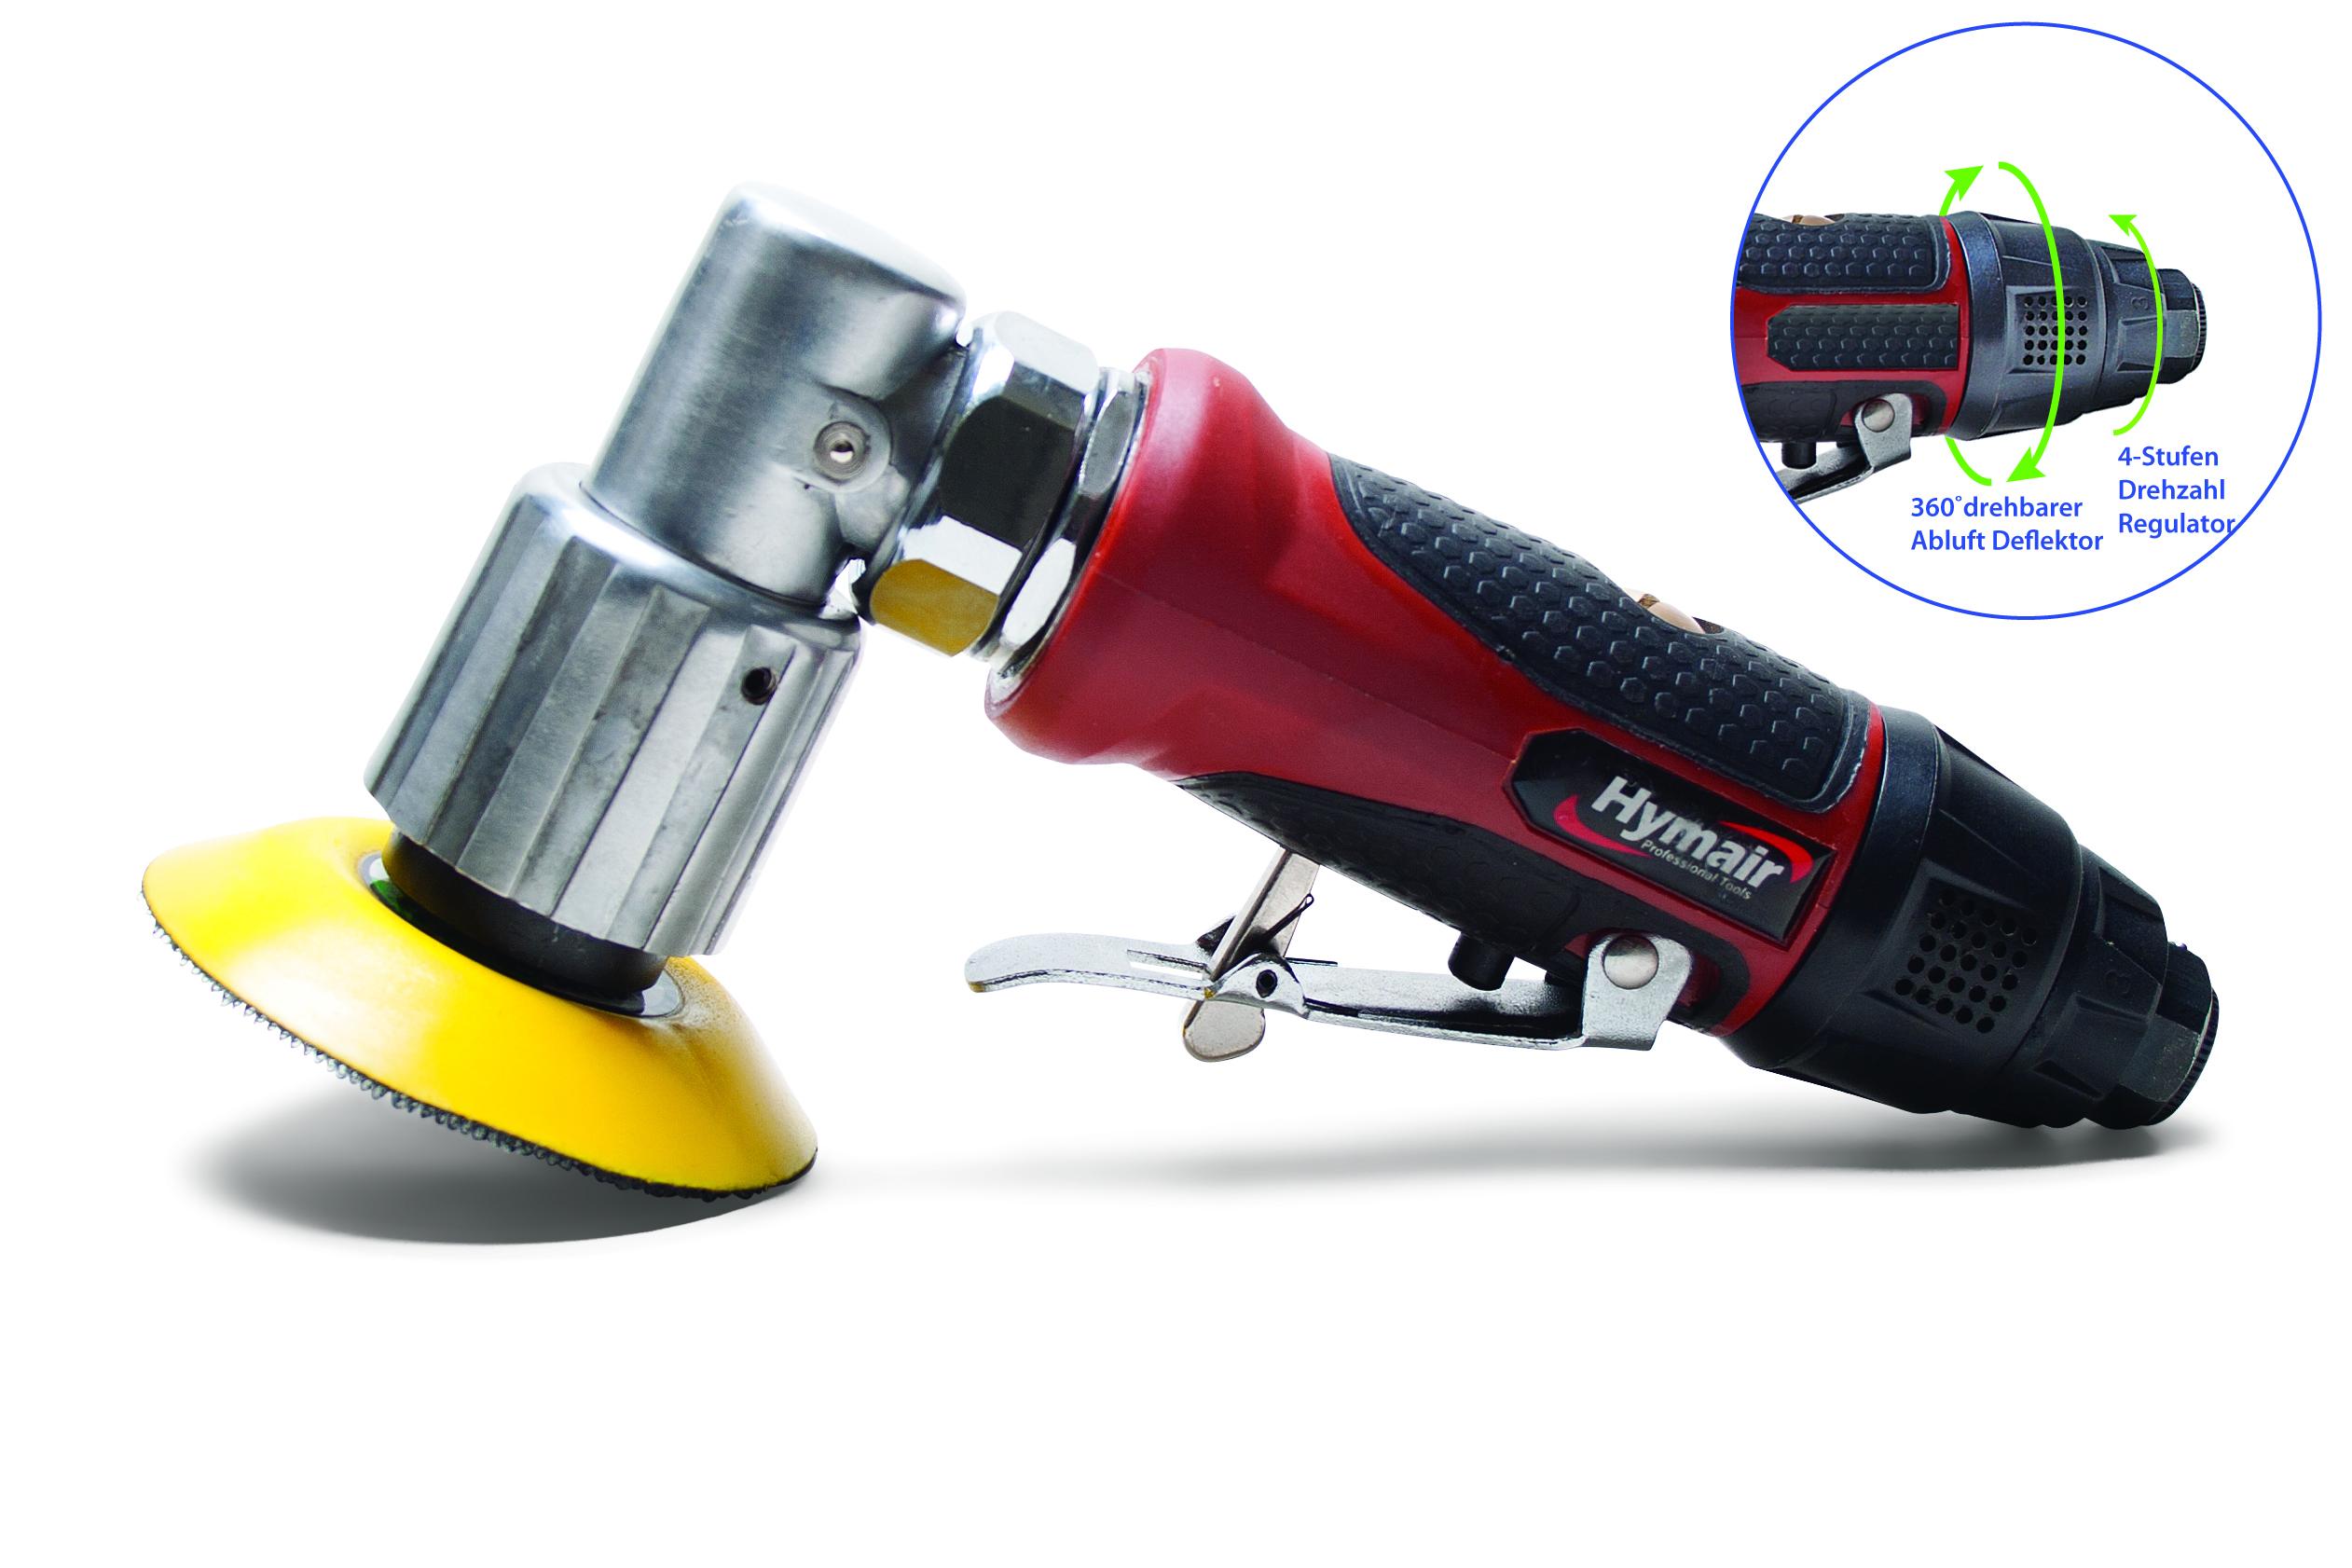 Mini Exzenterschleifer Elektrisch : smart spot repair mini exzenterschleifer spraymyday ~ A.2002-acura-tl-radio.info Haus und Dekorationen